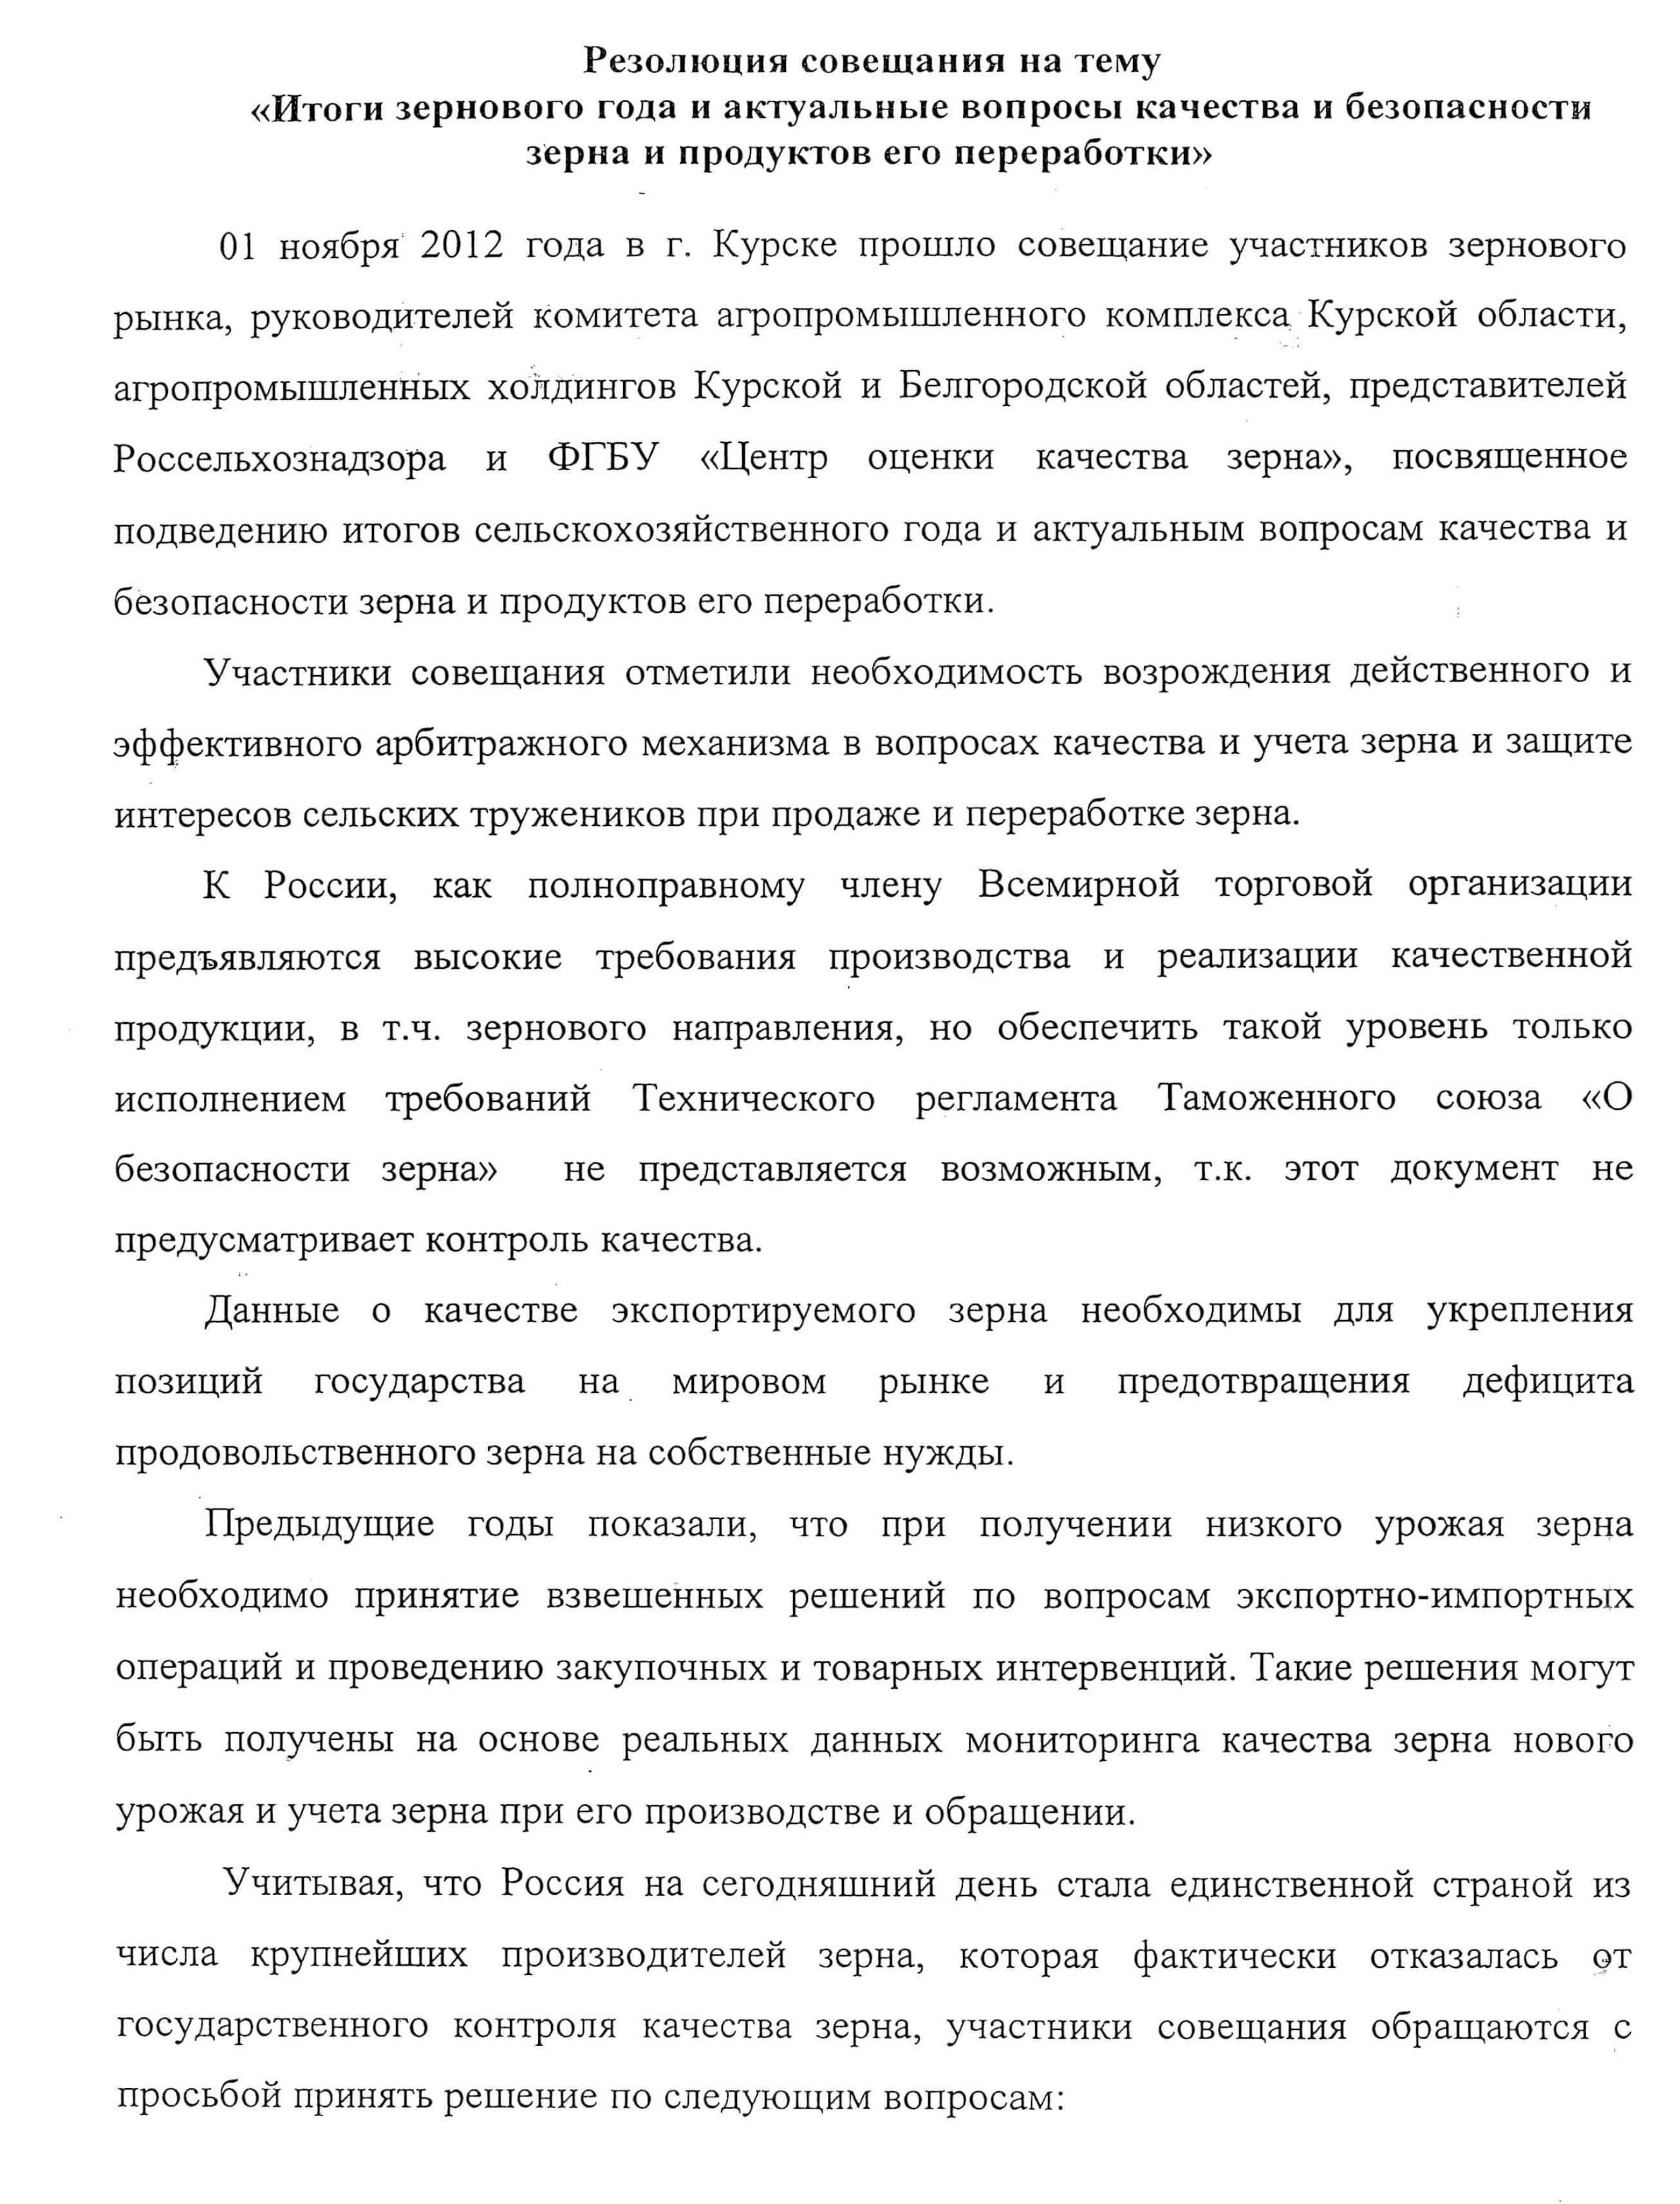 Custom admission essay ucla prompt 2013